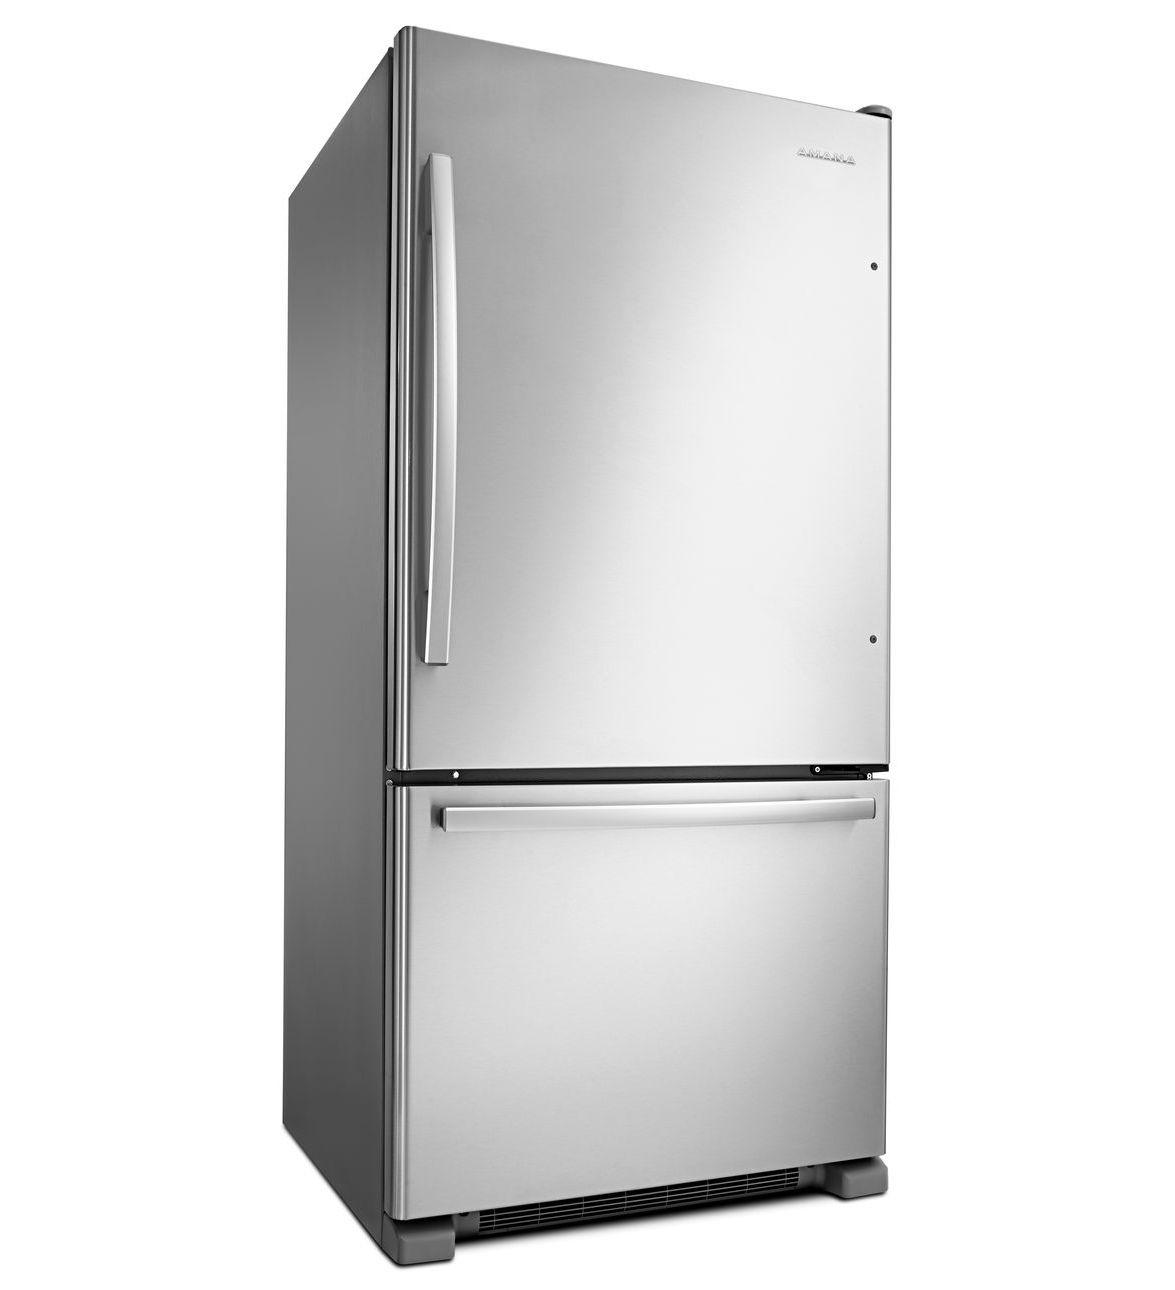 Abb2224brm Amana 174 33 Inch Wide Amana 174 Bottom Freezer